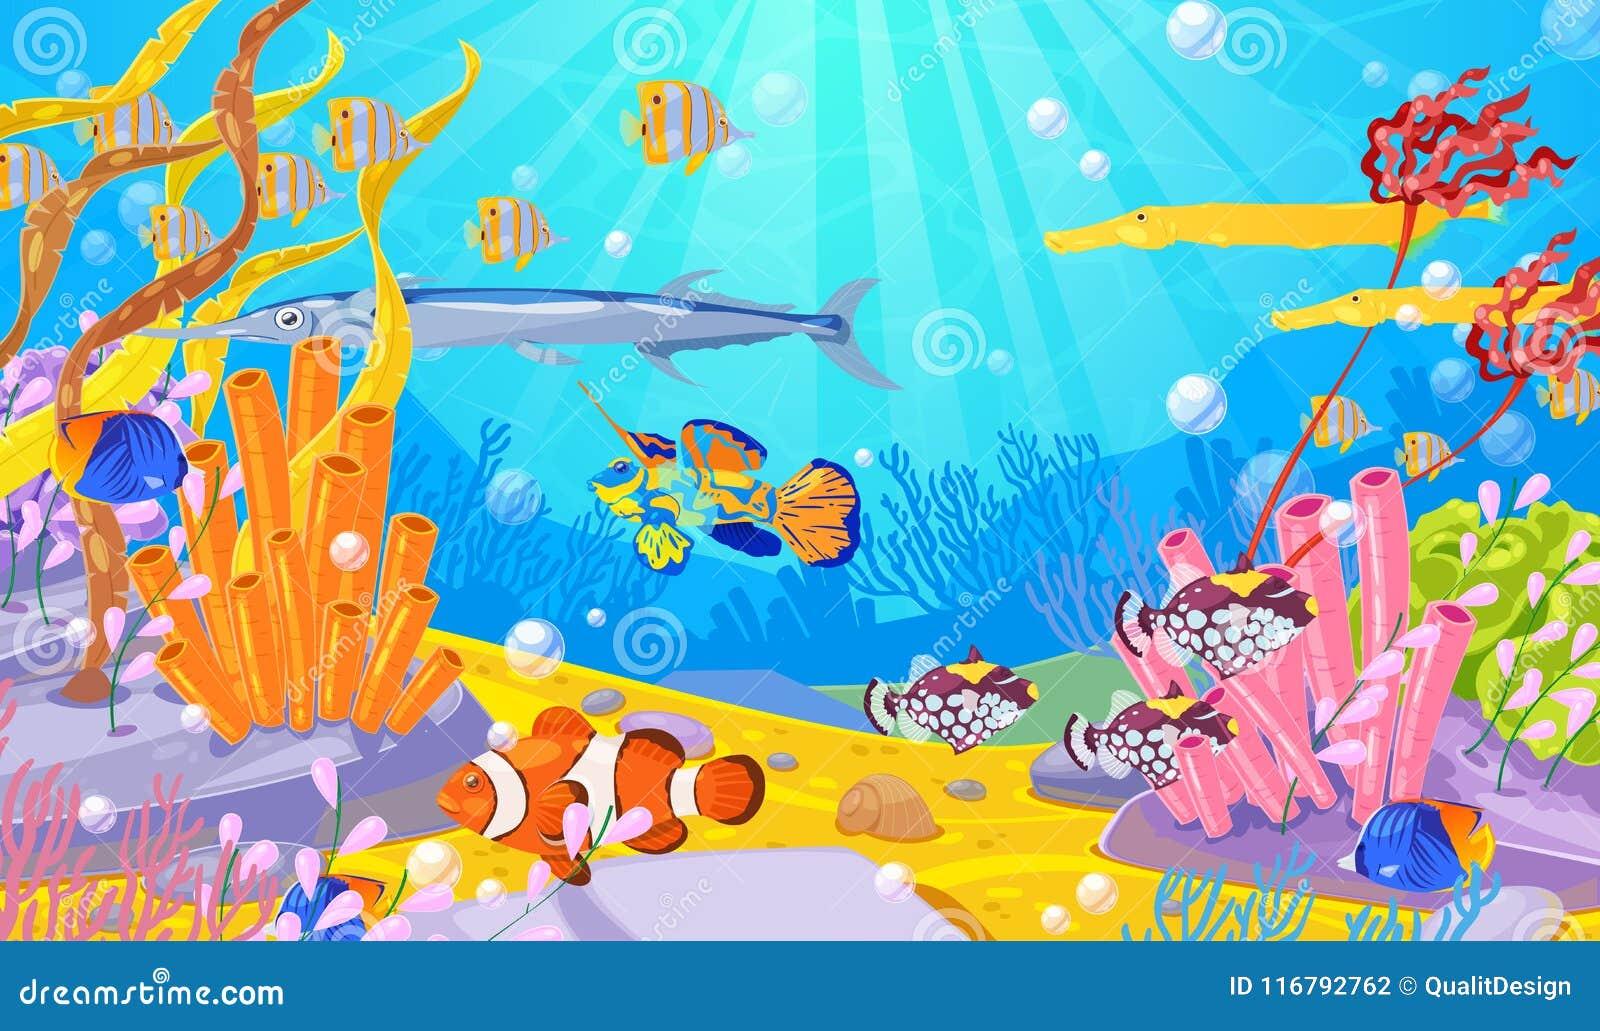 Υποβρύχια θαλάσσια ζωή, διανυσματική απεικόνιση κινούμενων σχεδίων Ωκεανός ή πυθμένας της θάλασσας με τα ζωηρόχρωμα ψάρια, τις κο